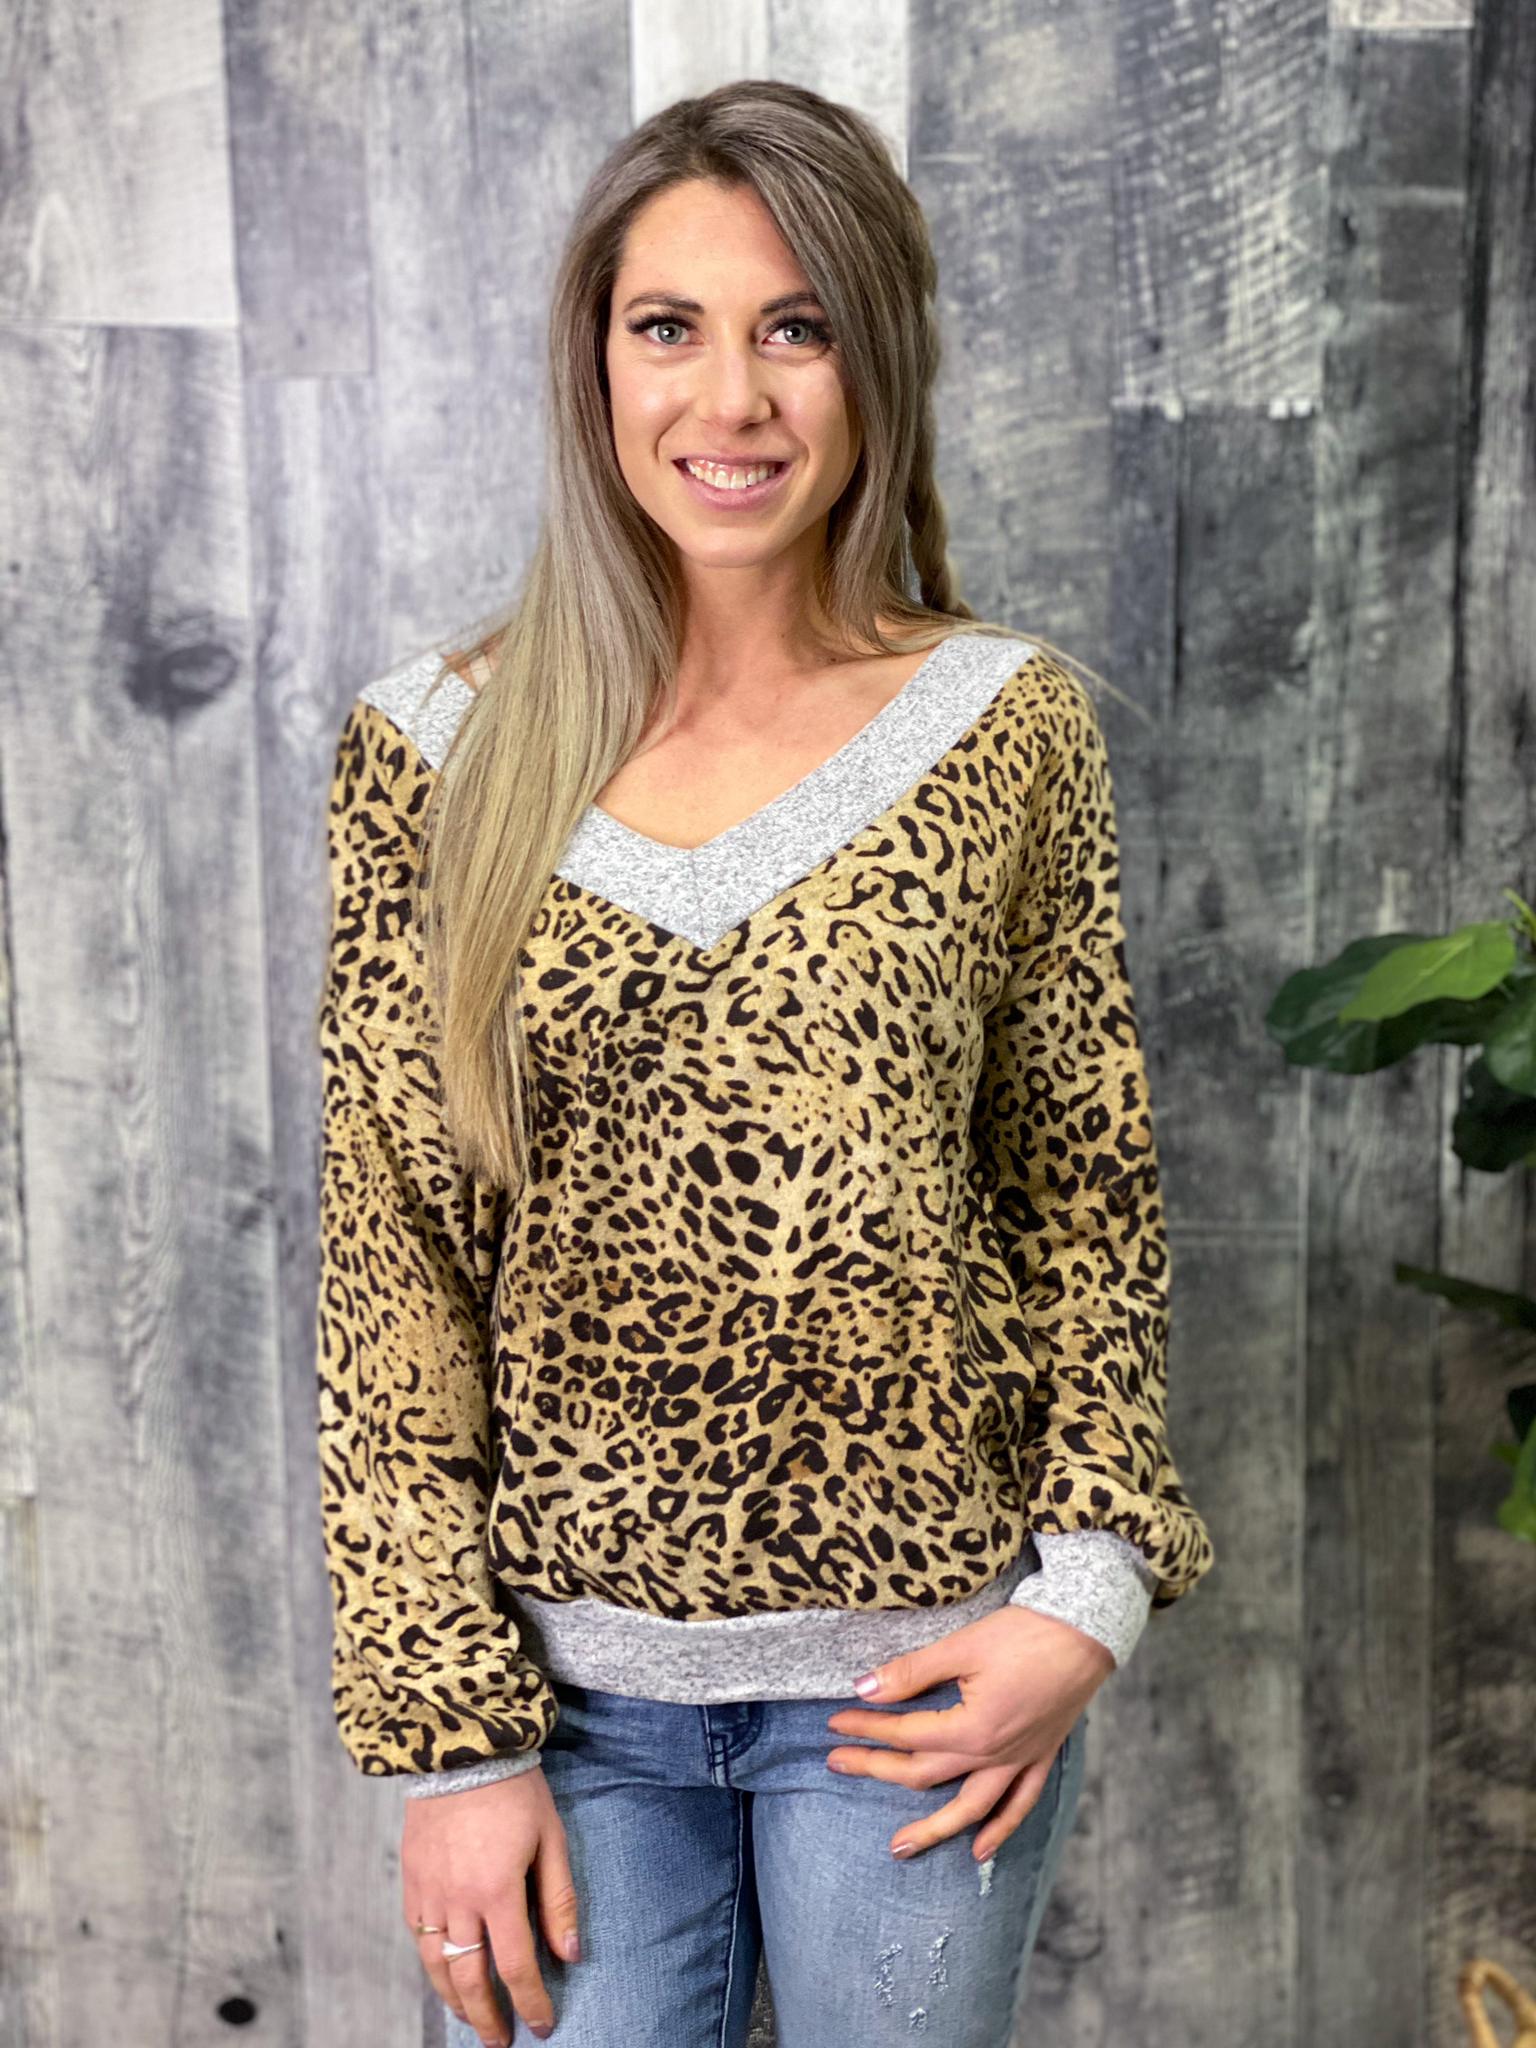 Lightweight Sweater Cheetah/Grey Top S6UM